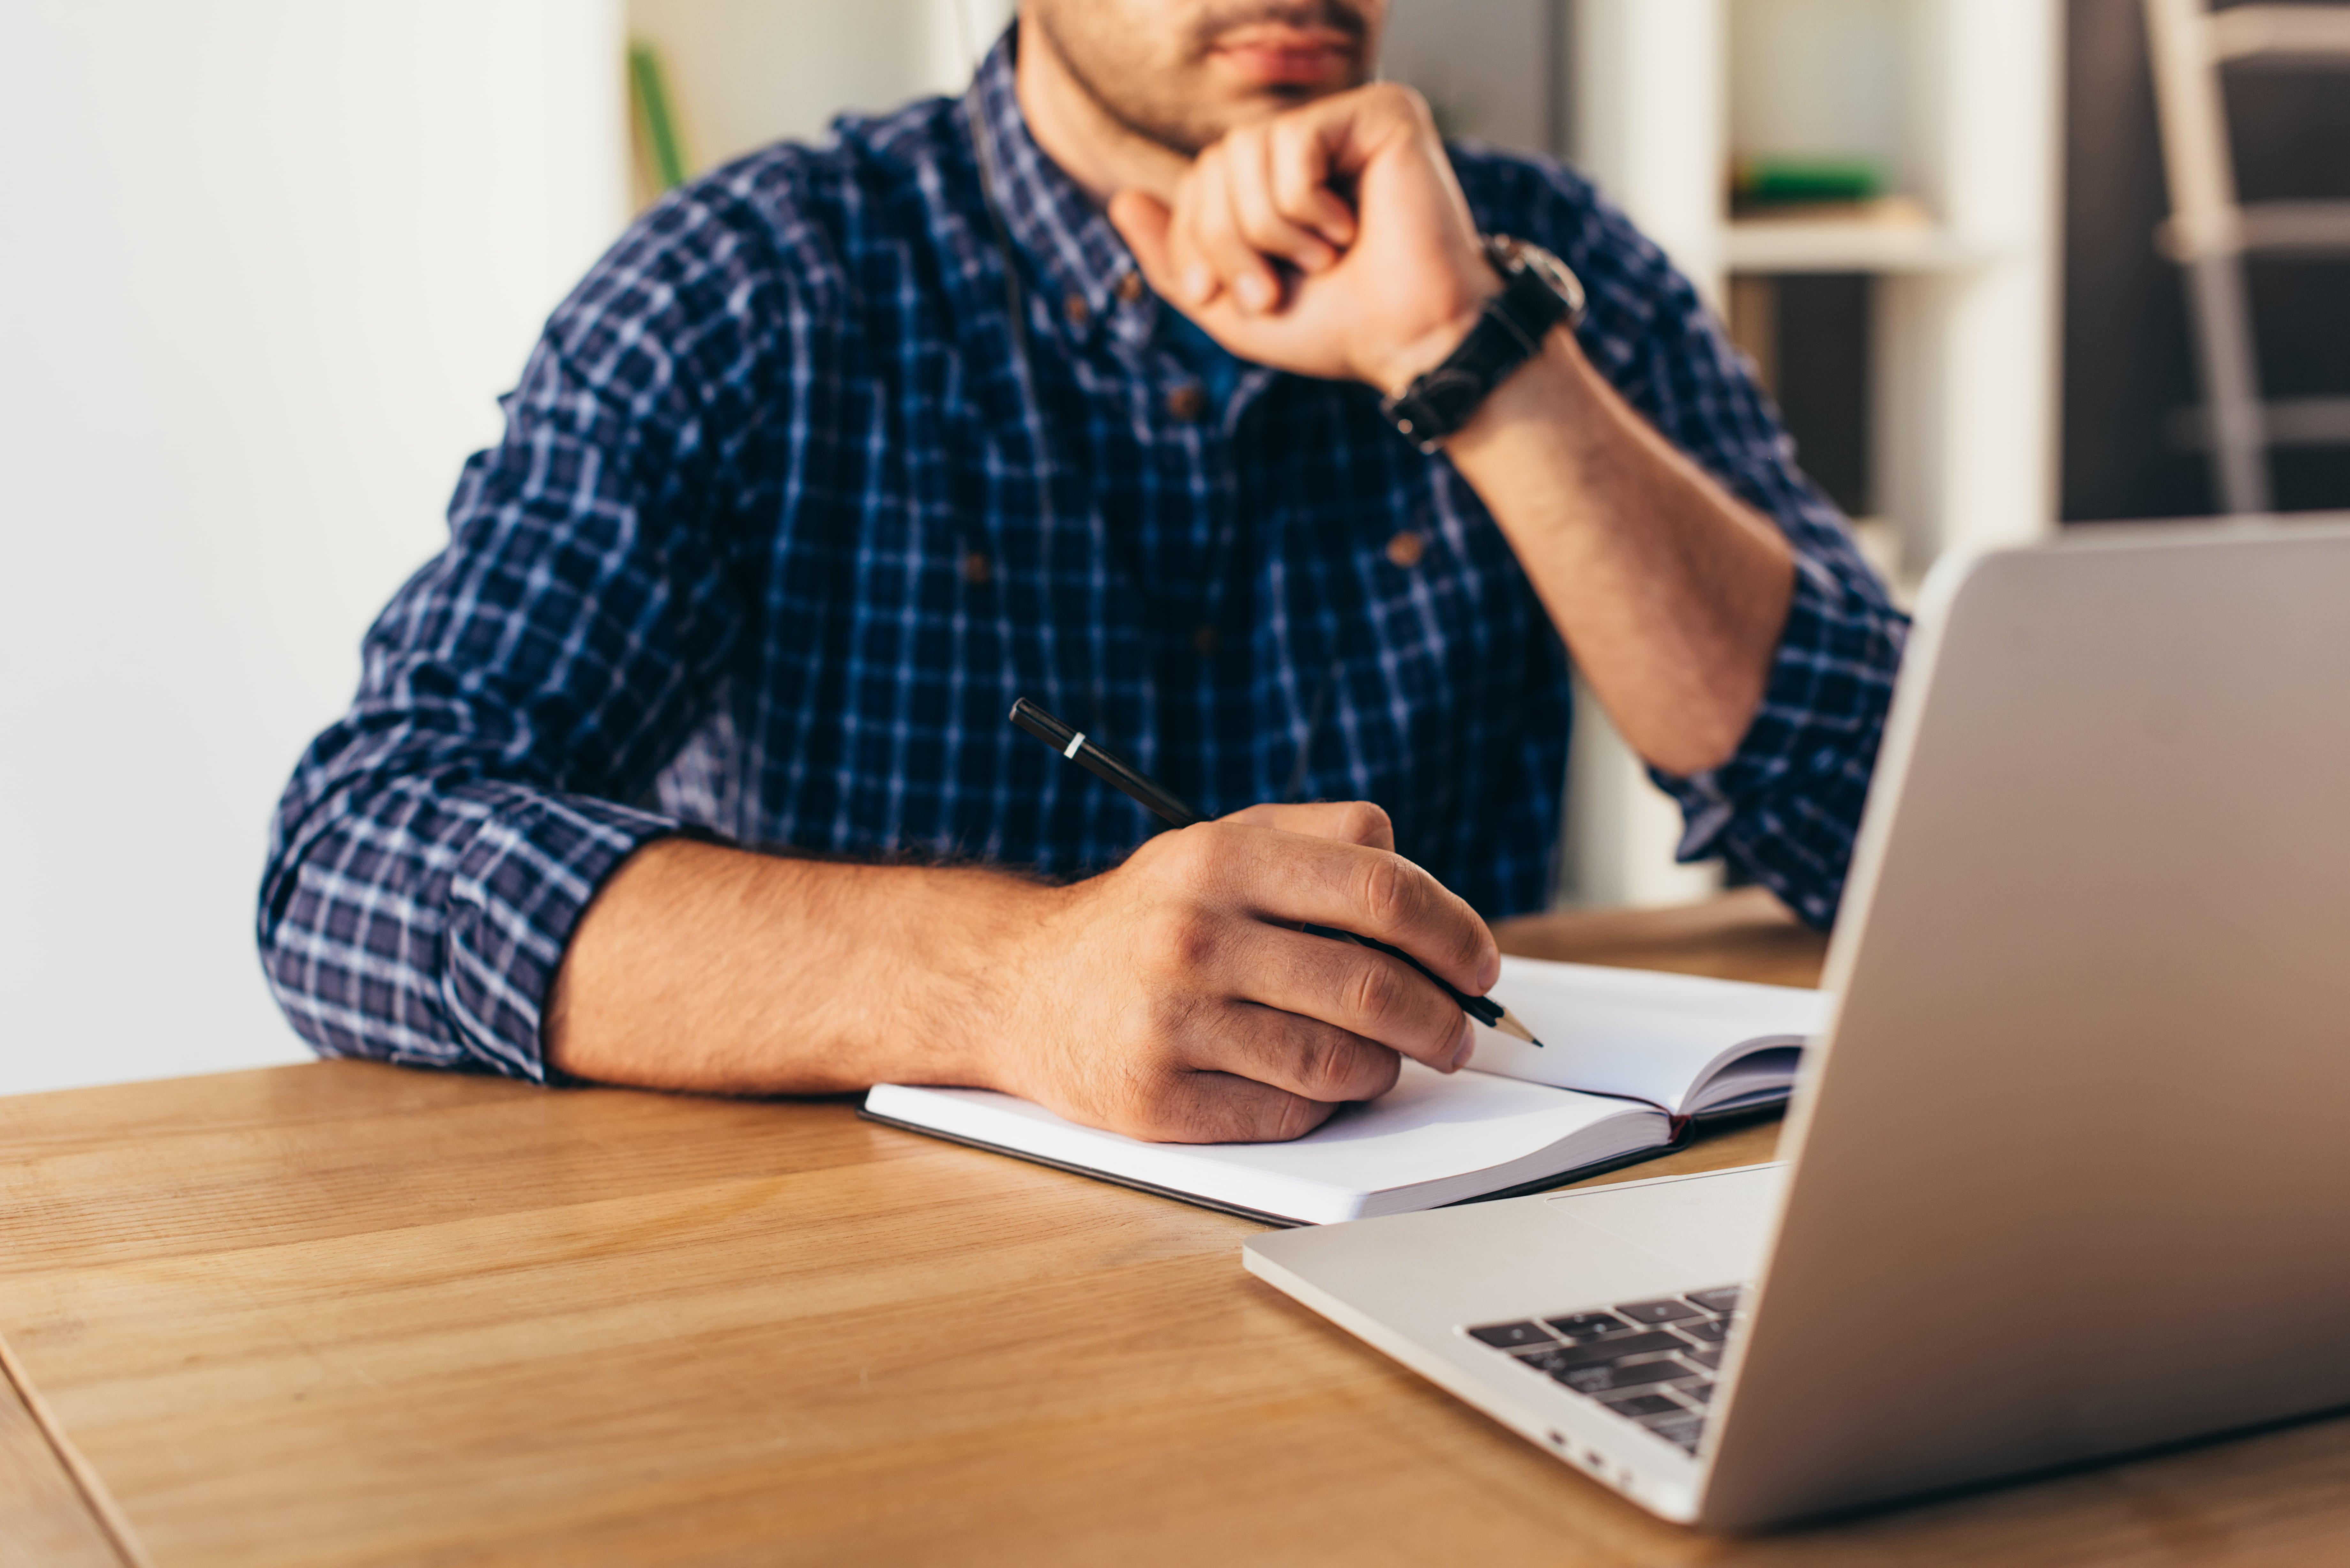 Besonders im Home-Office sind Webinare eine ansprechende BGM Maßnahme